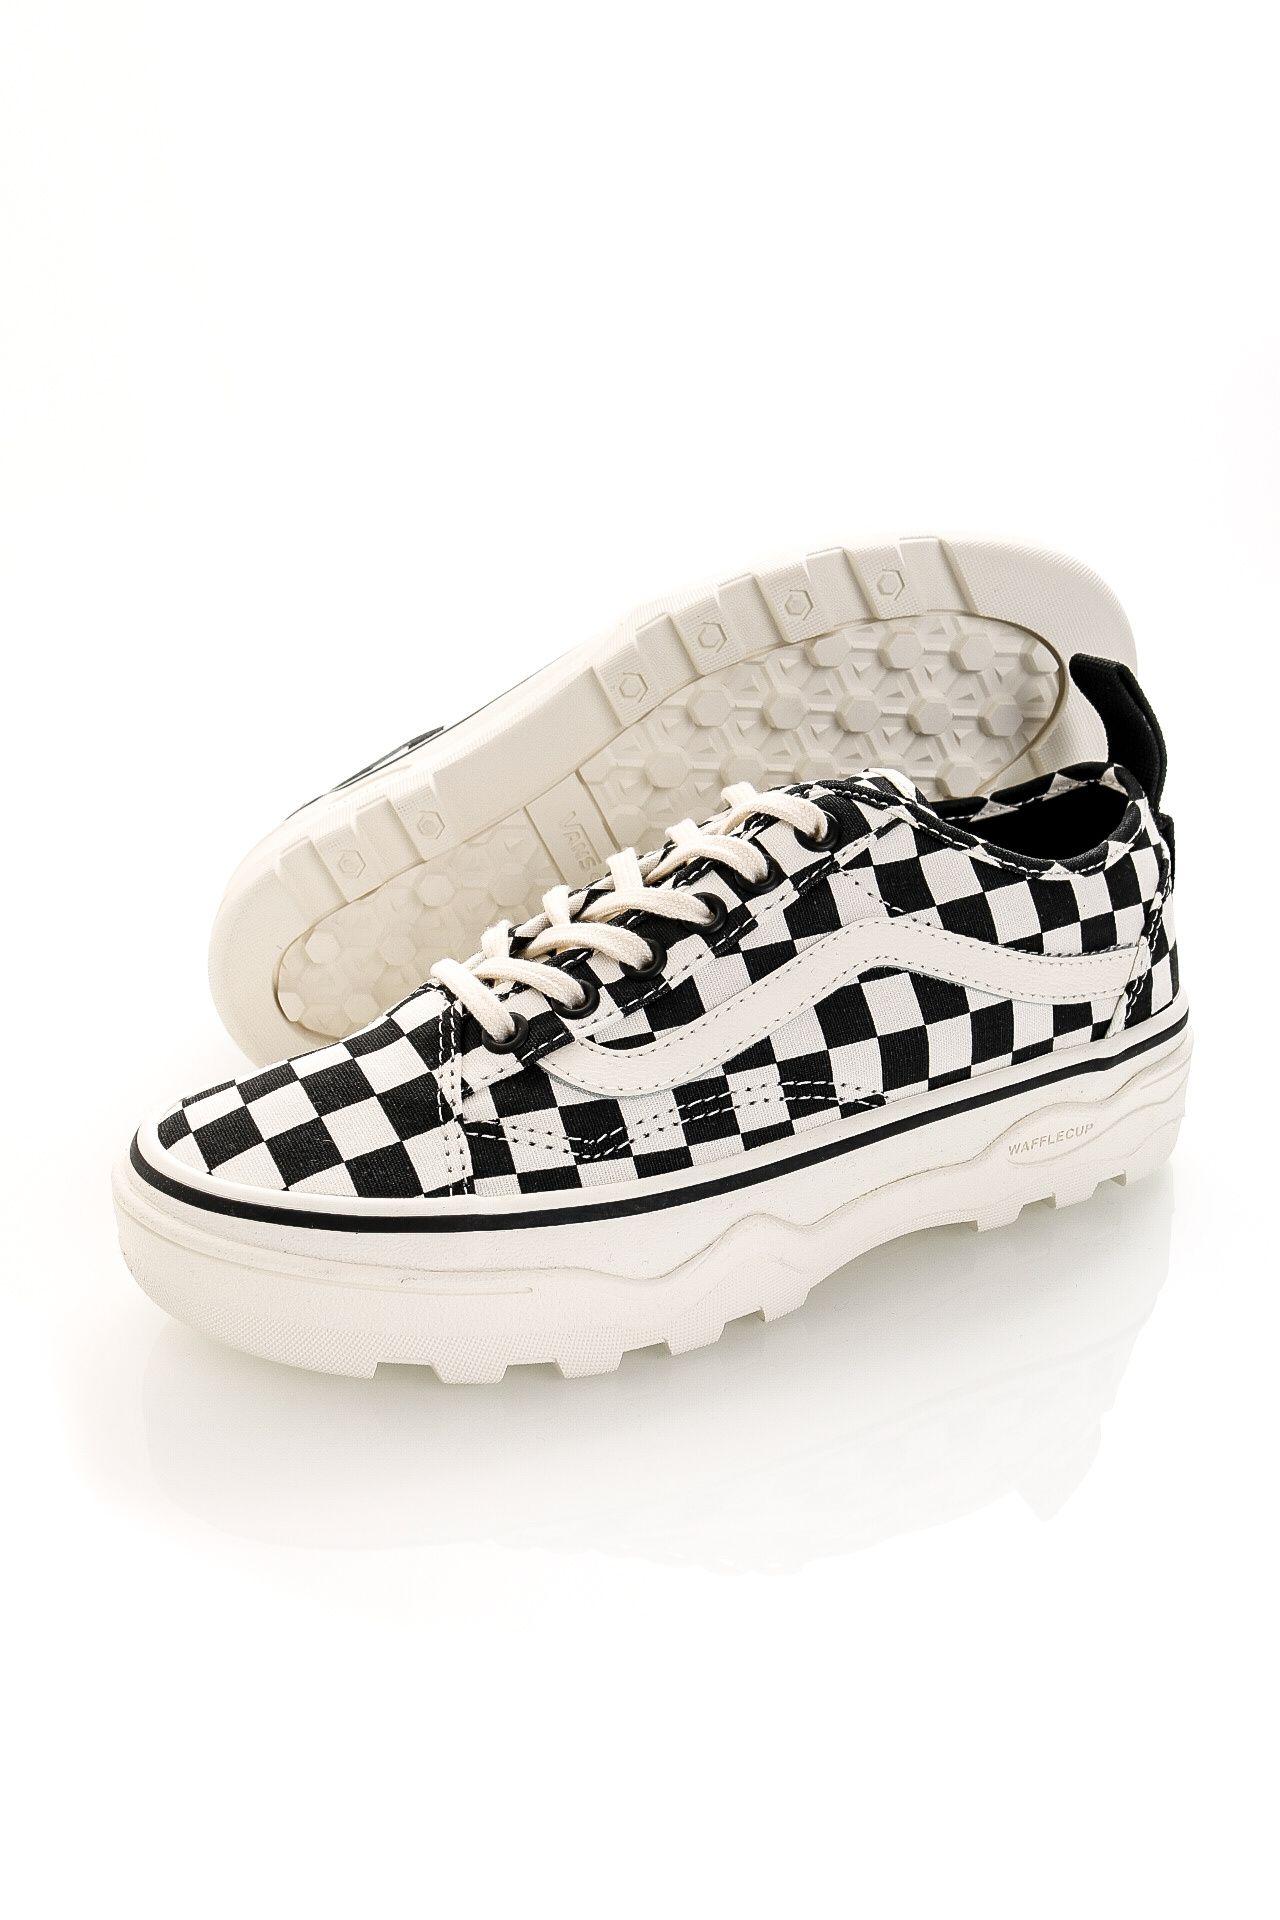 Afbeelding van Vans Sneakers UA Sentry Old Skool WC (CHECKERBOARD) Marshmallow VN0A5KR3Q4O1